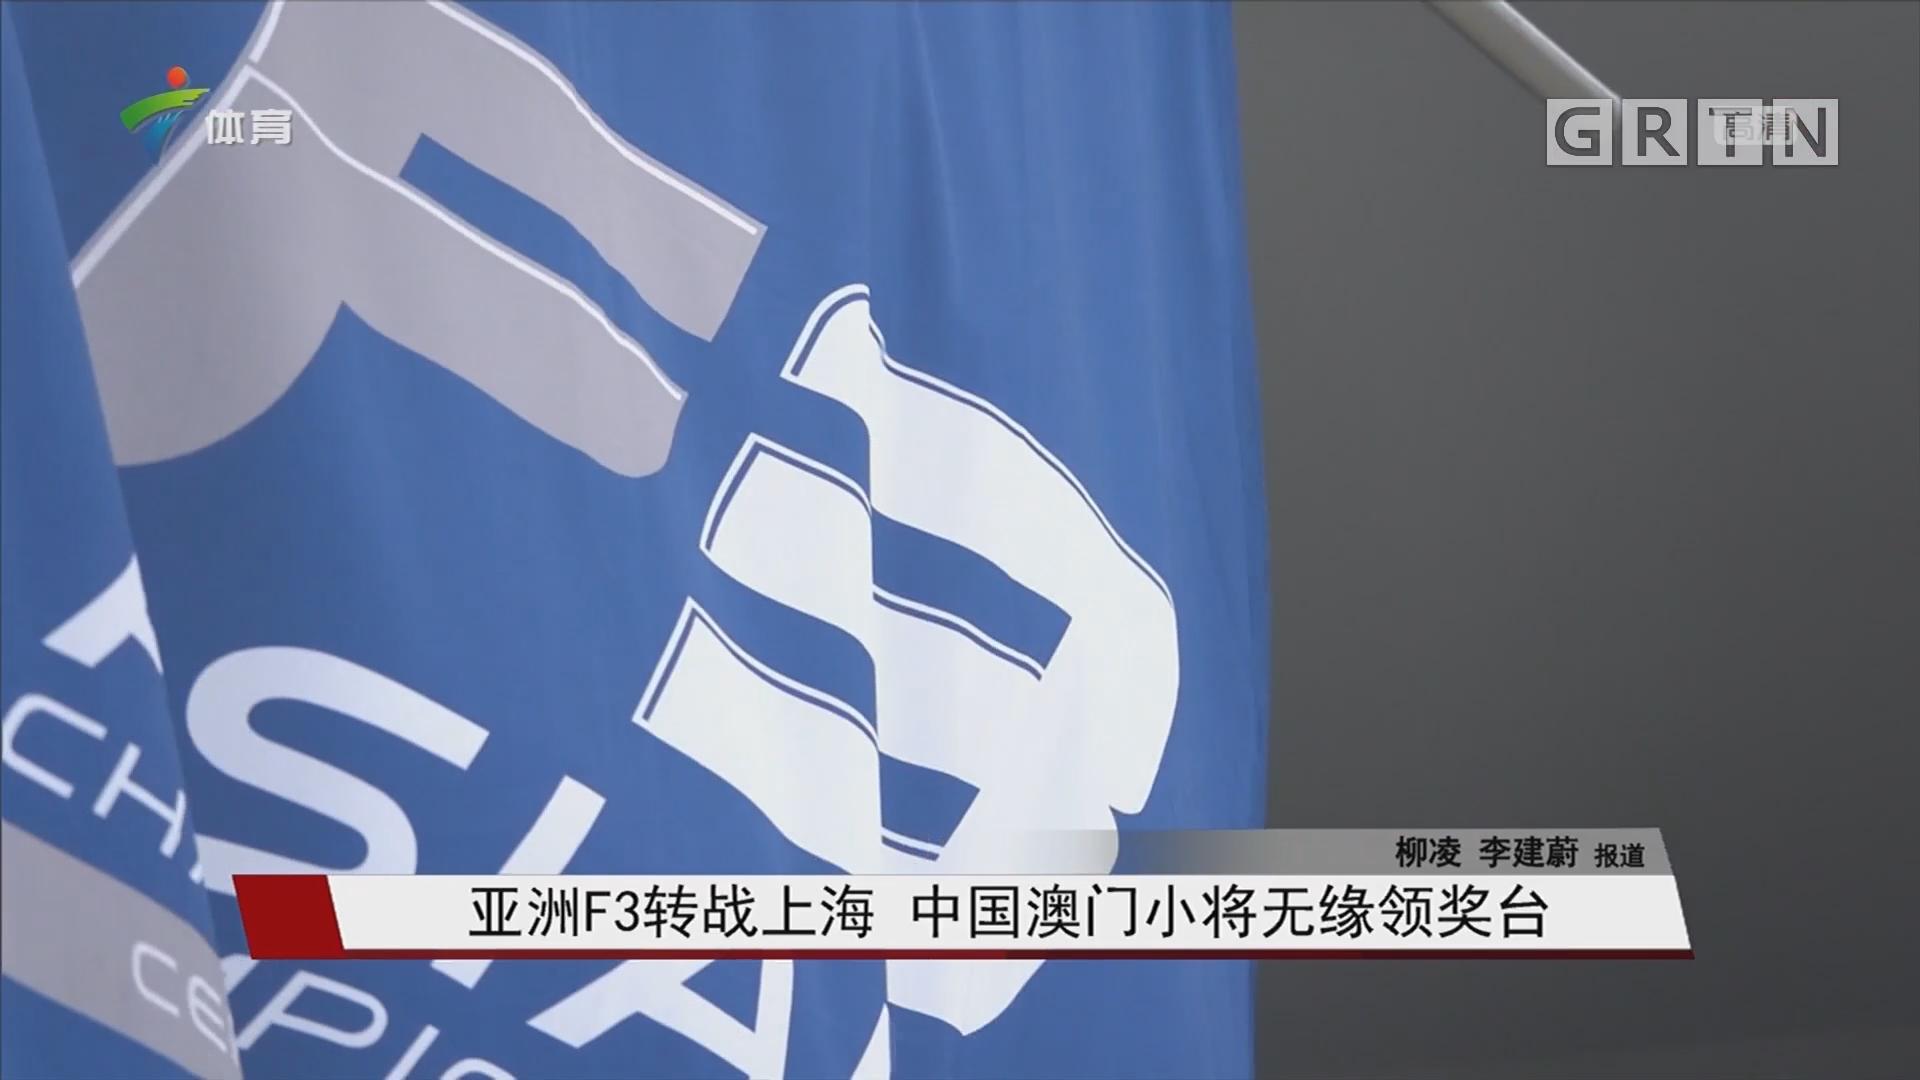 亞洲F3轉戰上海 中國澳門小將無緣領獎臺